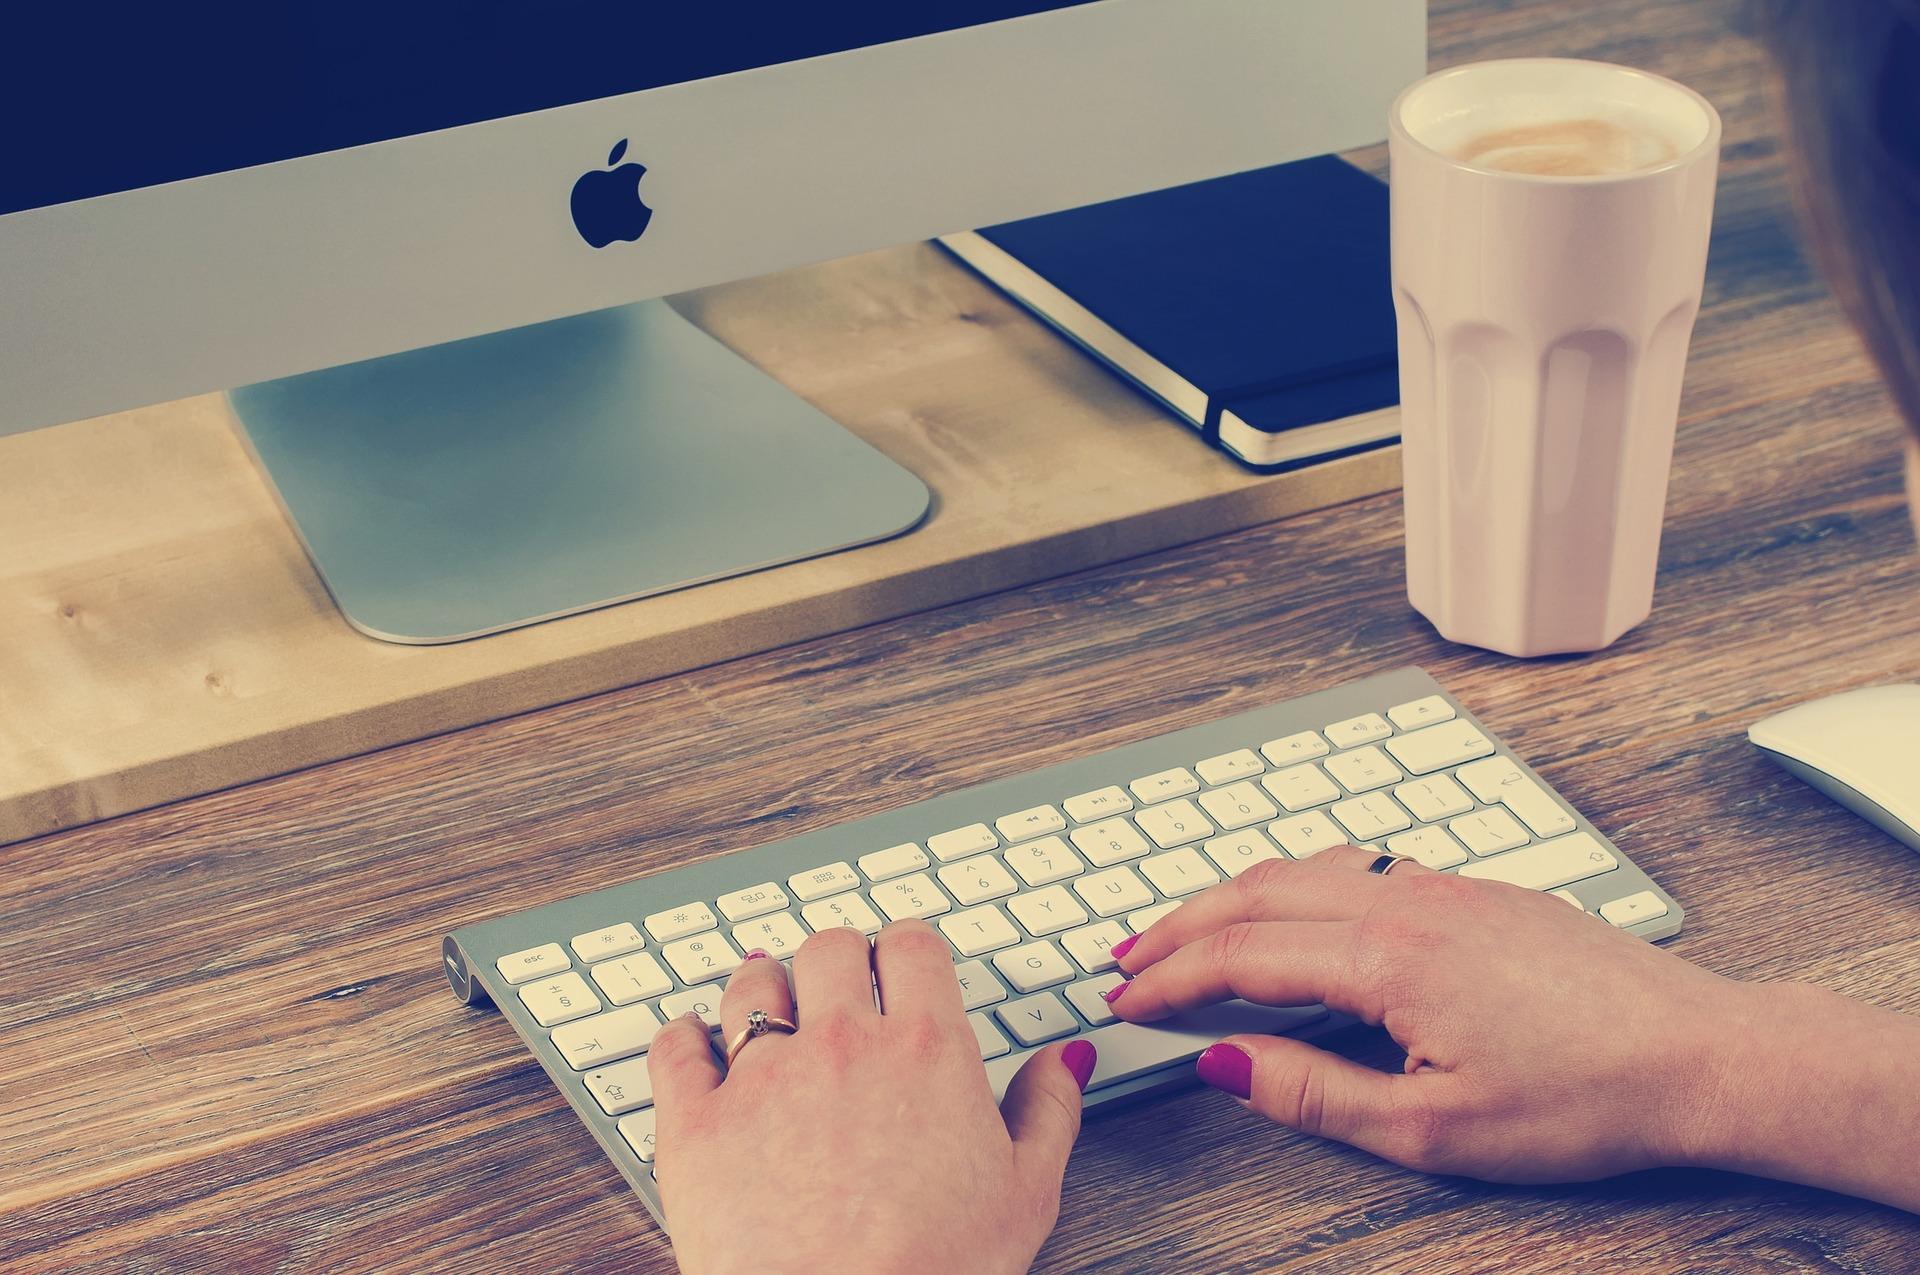 ブロガーにおすすめのパソコンってやっぱりMac! 特にノート型